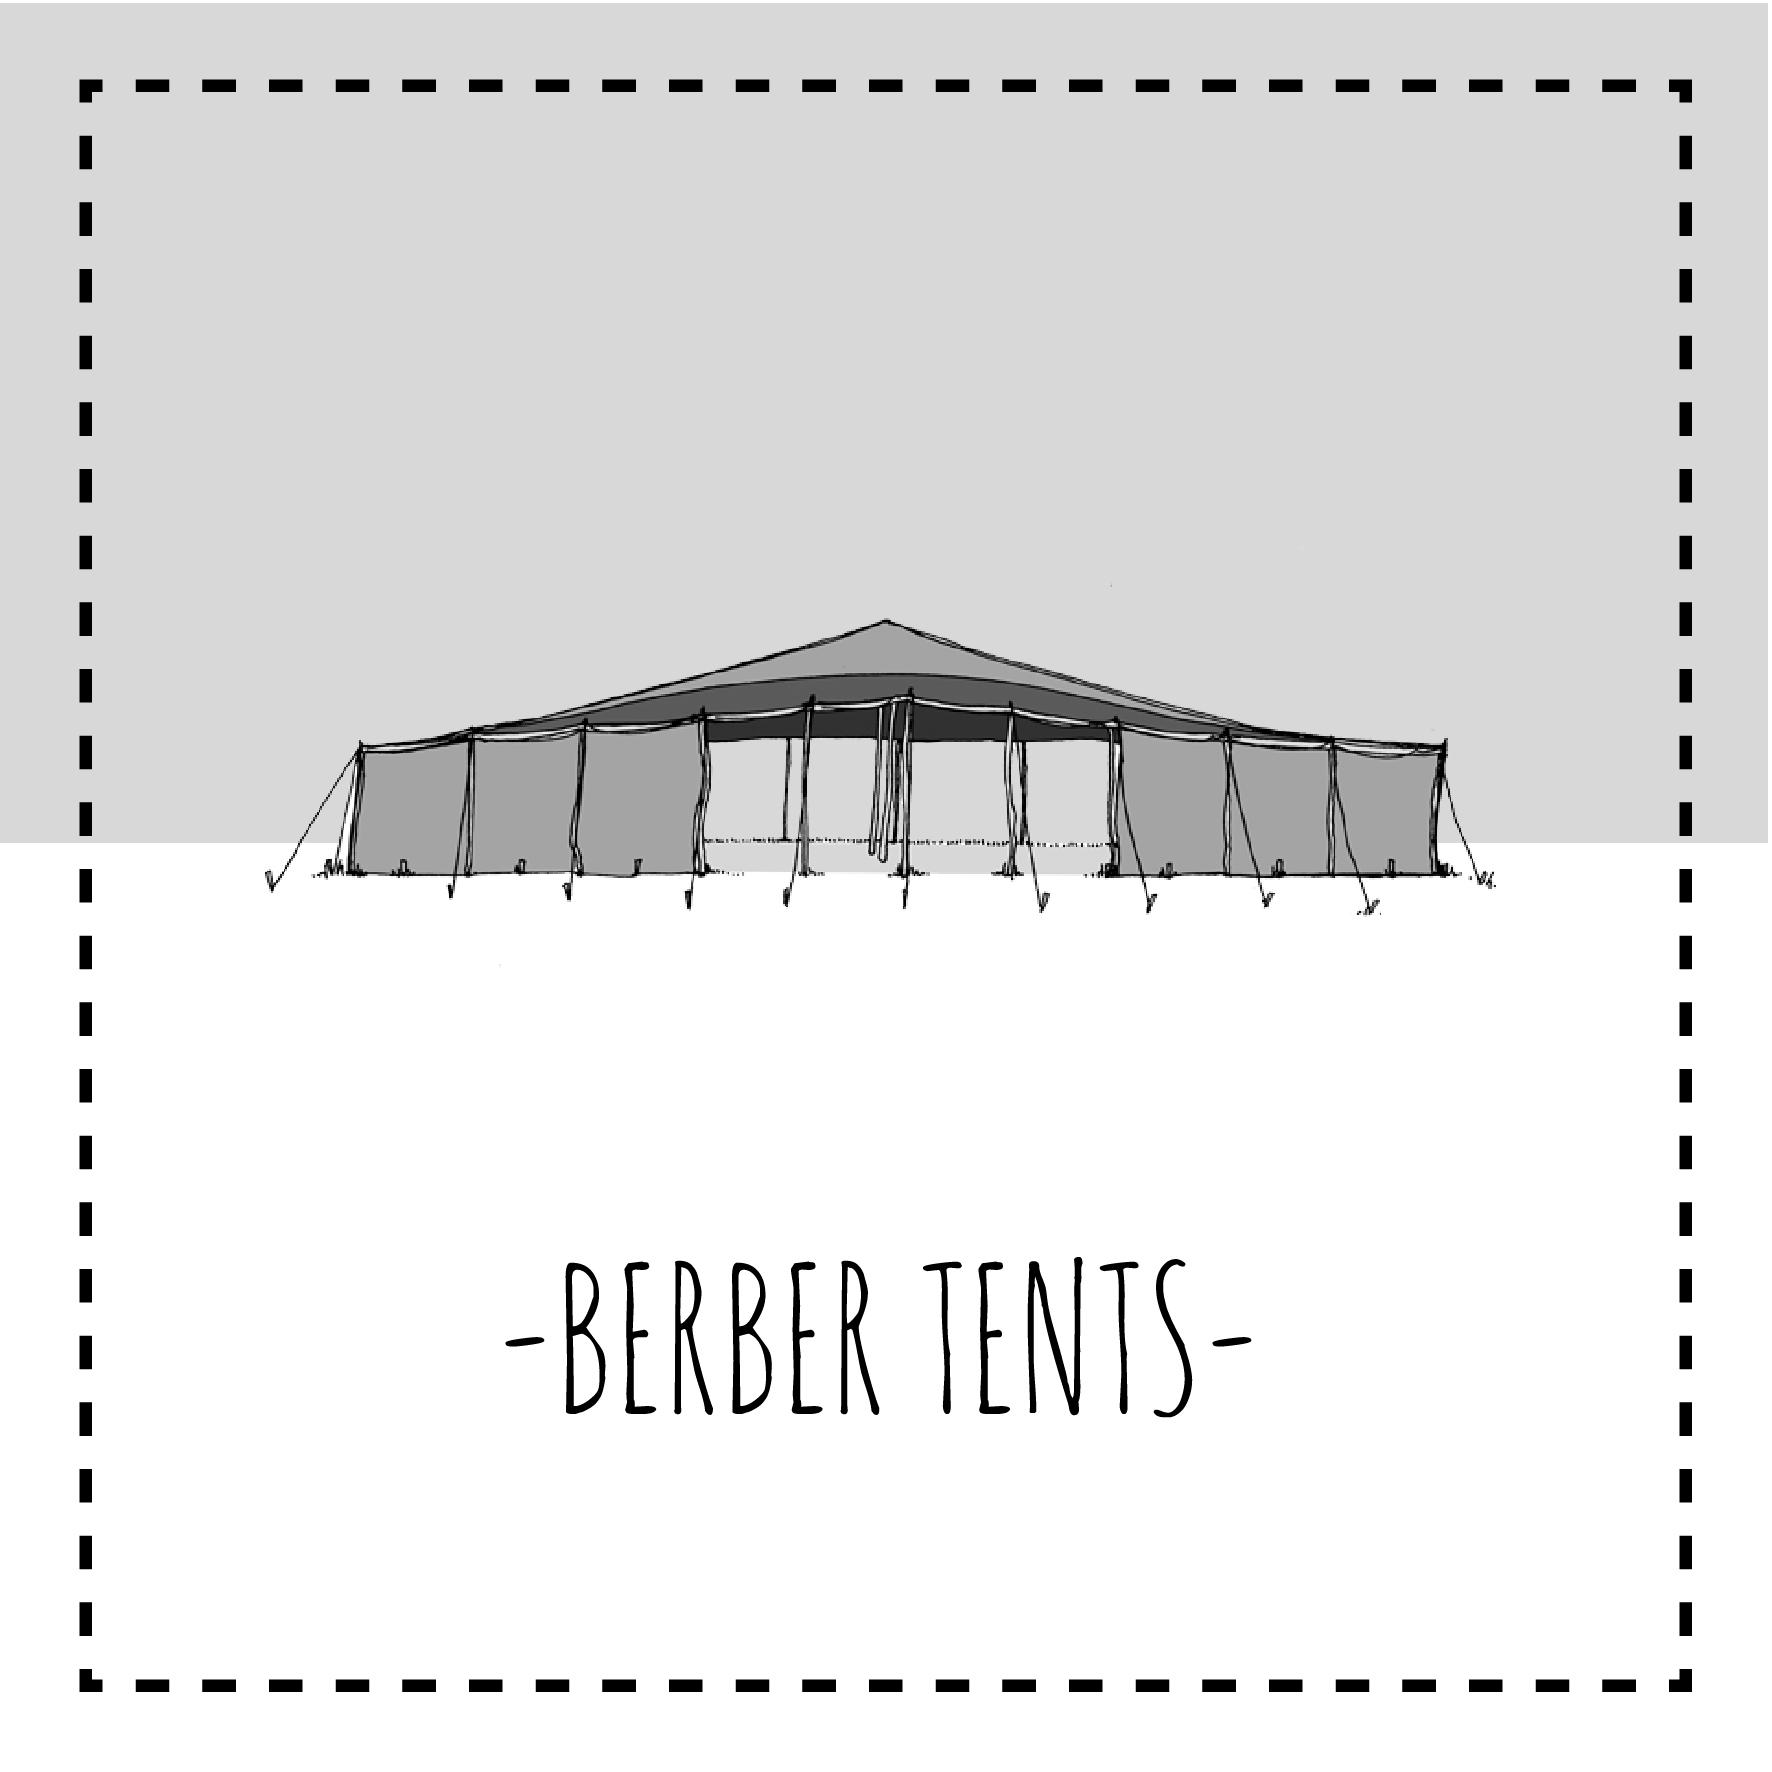 TENTbuttons-Berber.jpg